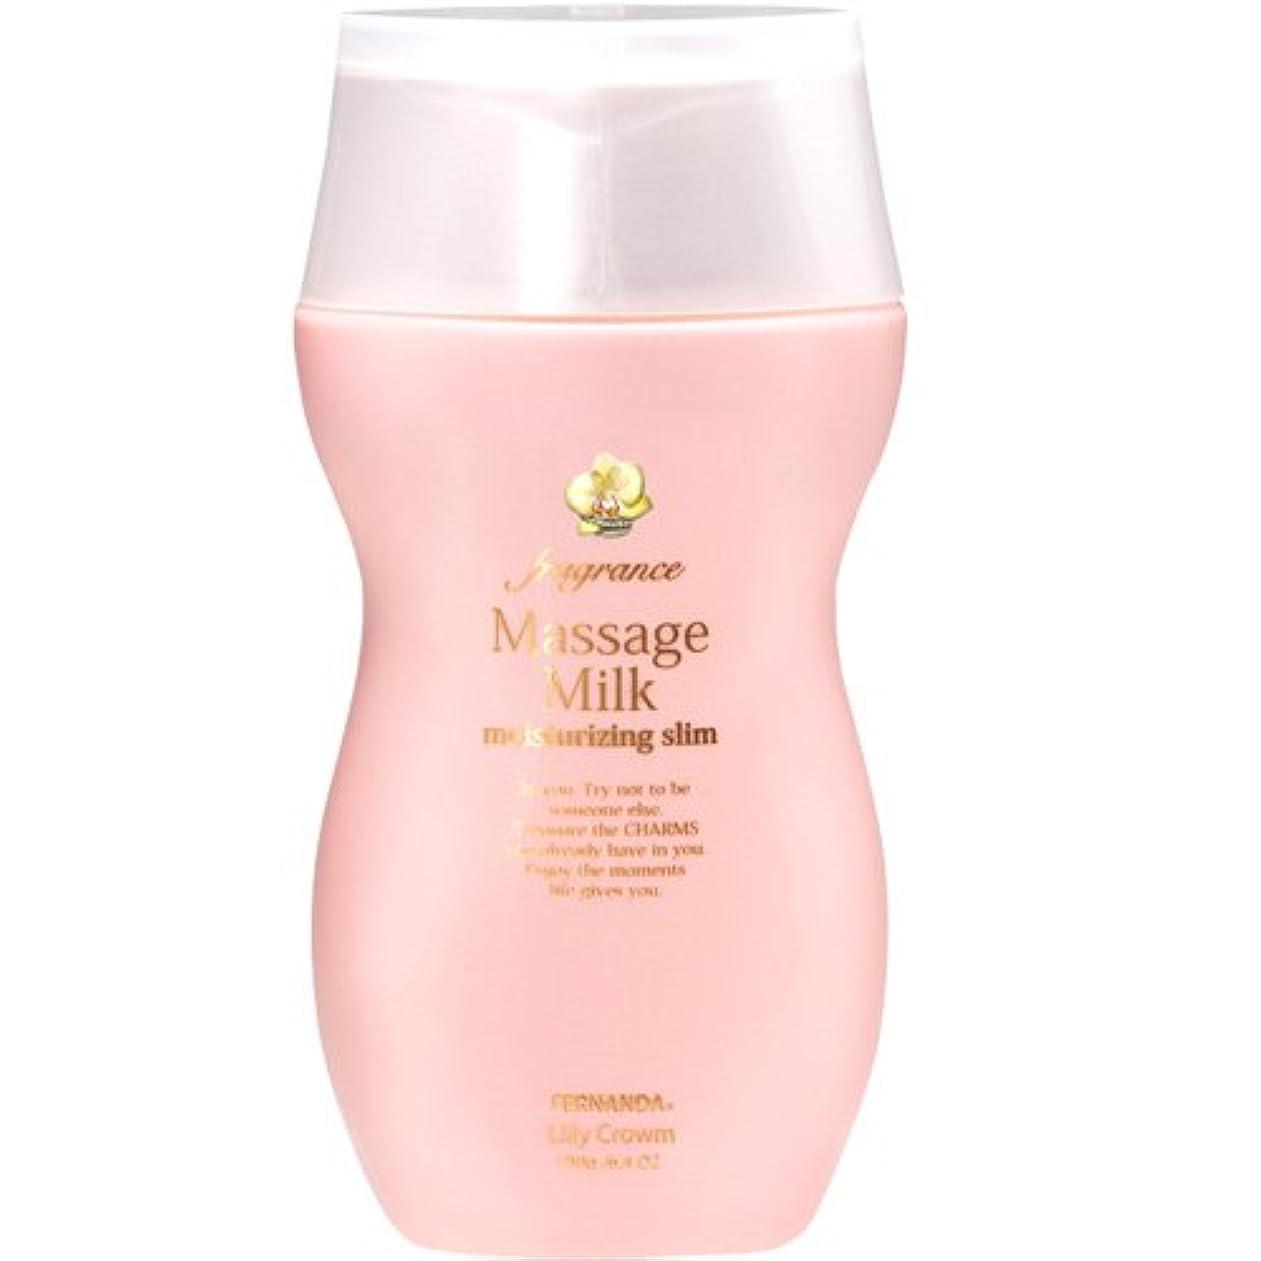 後継継続中カートFERNANDA(フェルナンダ) Massage Milk Lilly Crown (マッサージミルク リリークラウン)